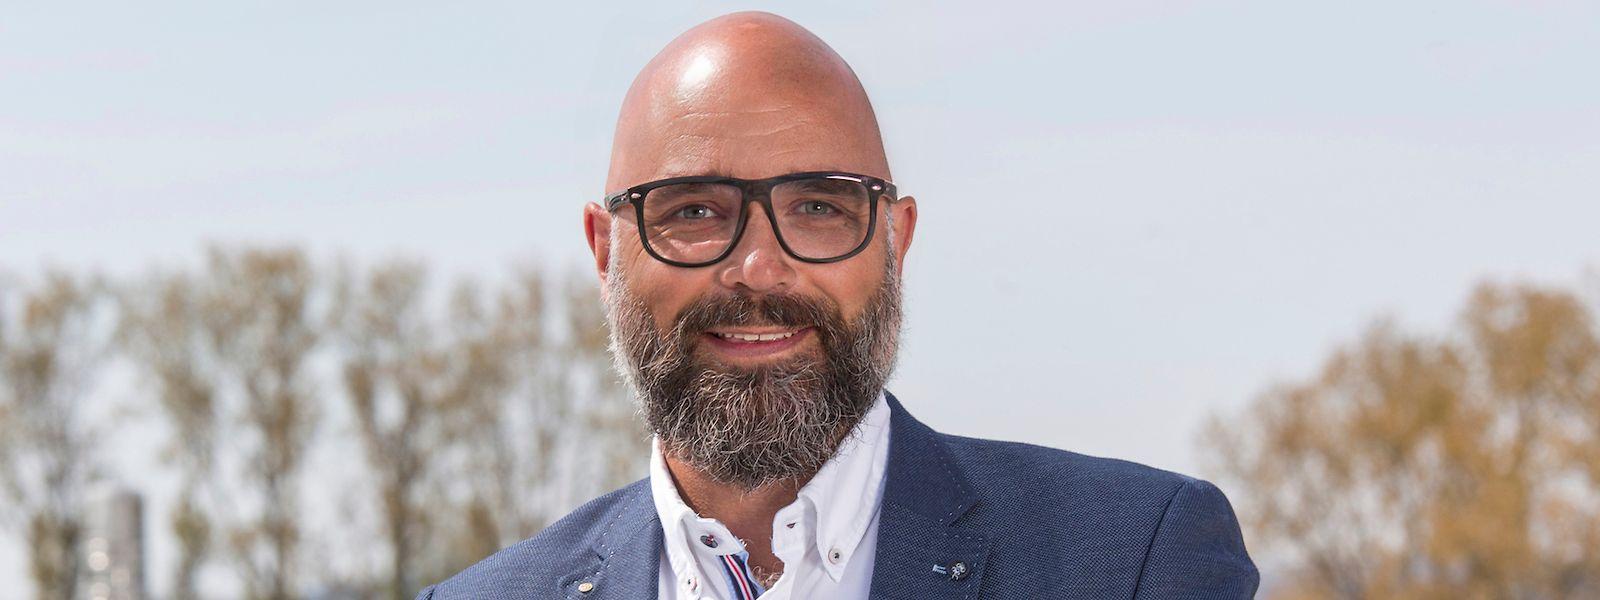 Romain Poulles, Président du Conseil Supérieur pour un Développement Durable (CSDD)